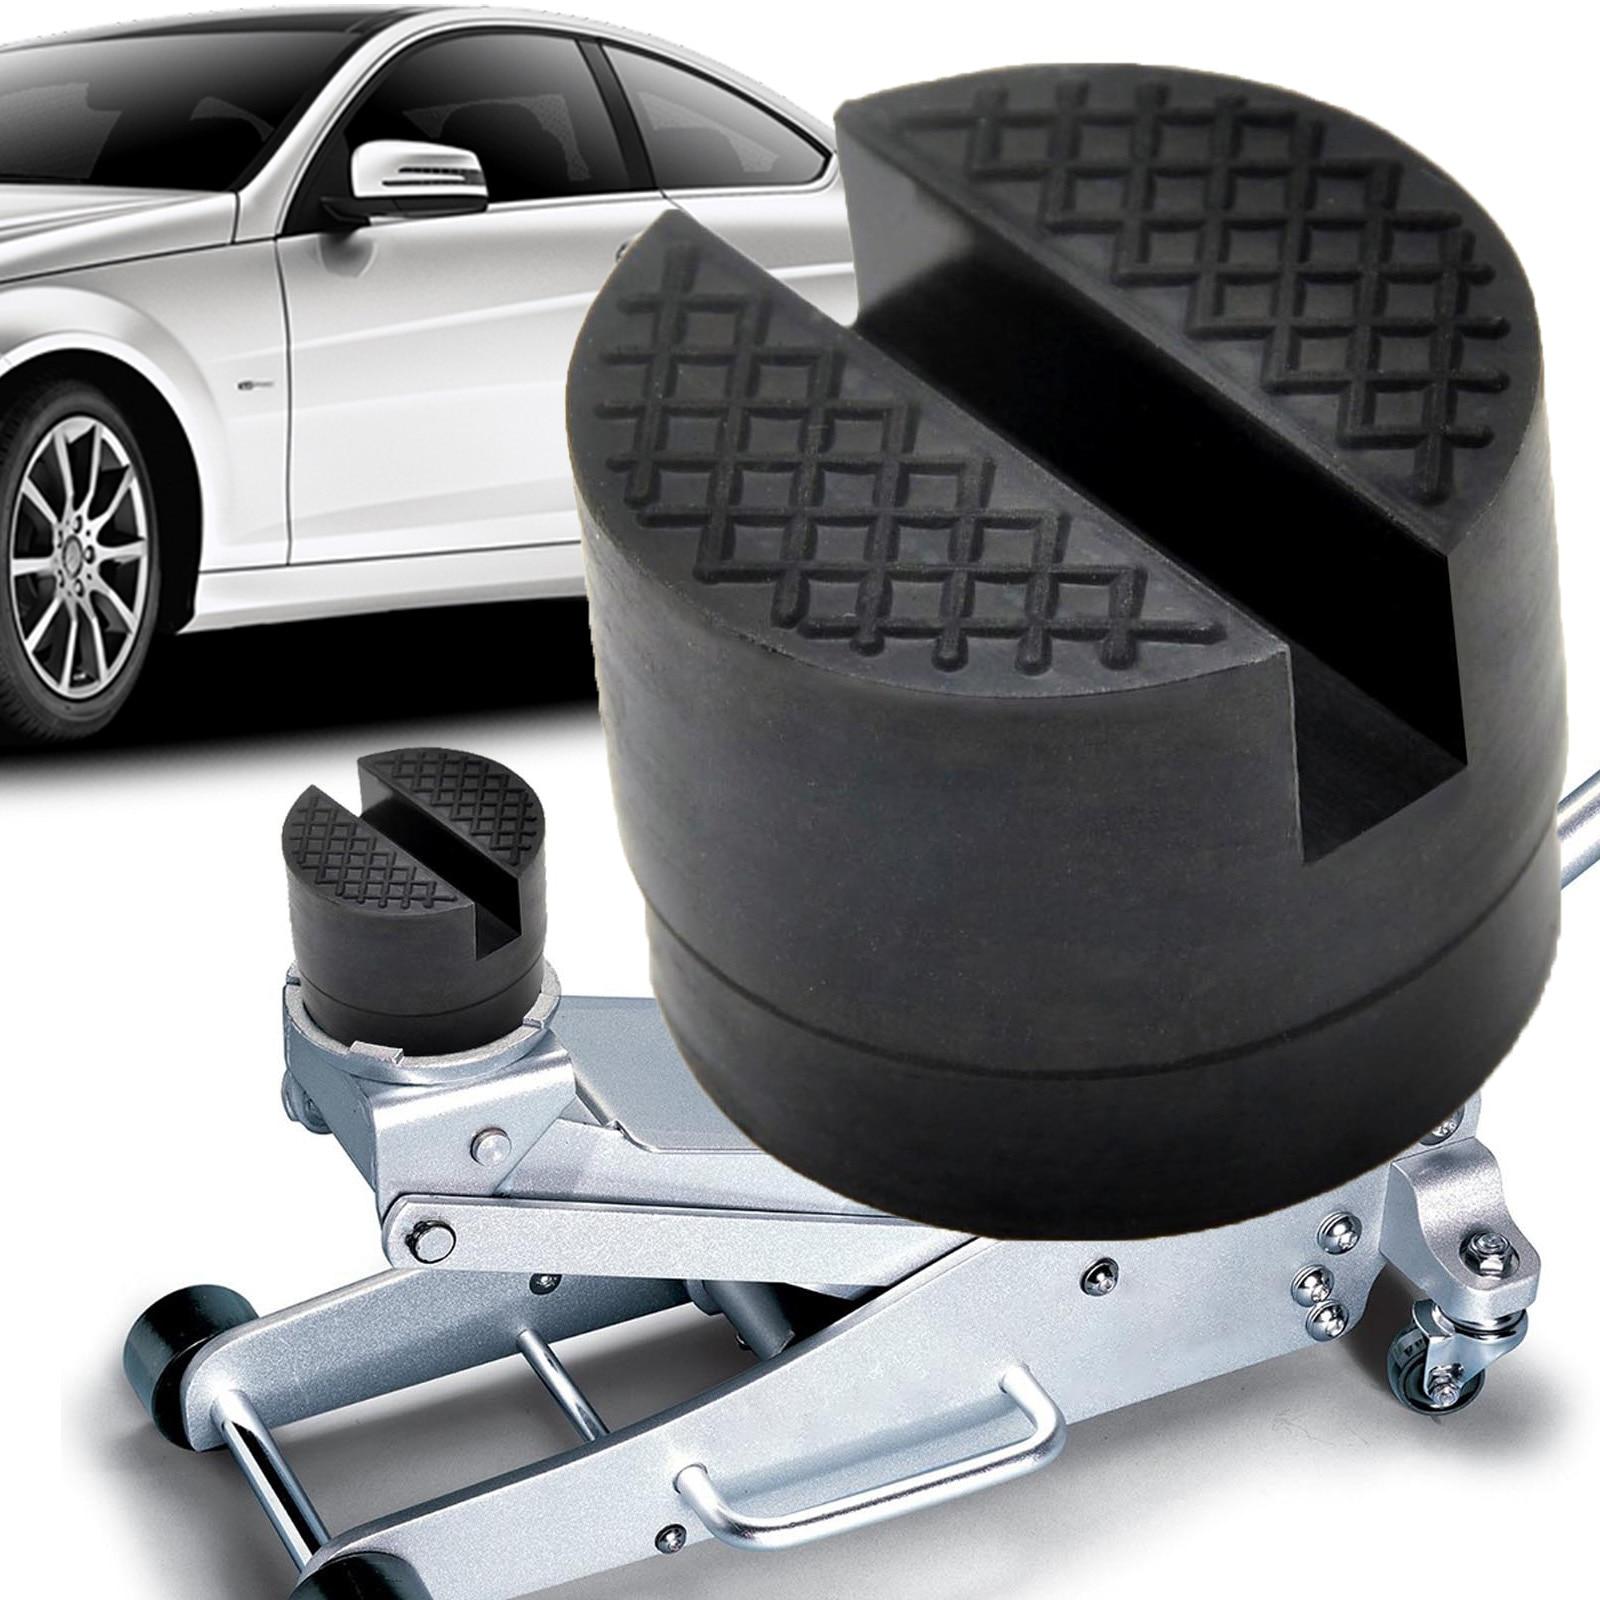 Напольный резиновый разъем для подъема автомобиля, протектор рамы, адаптер, инструмент для подъема, зажим сварки, боковой подъемный диск дл...